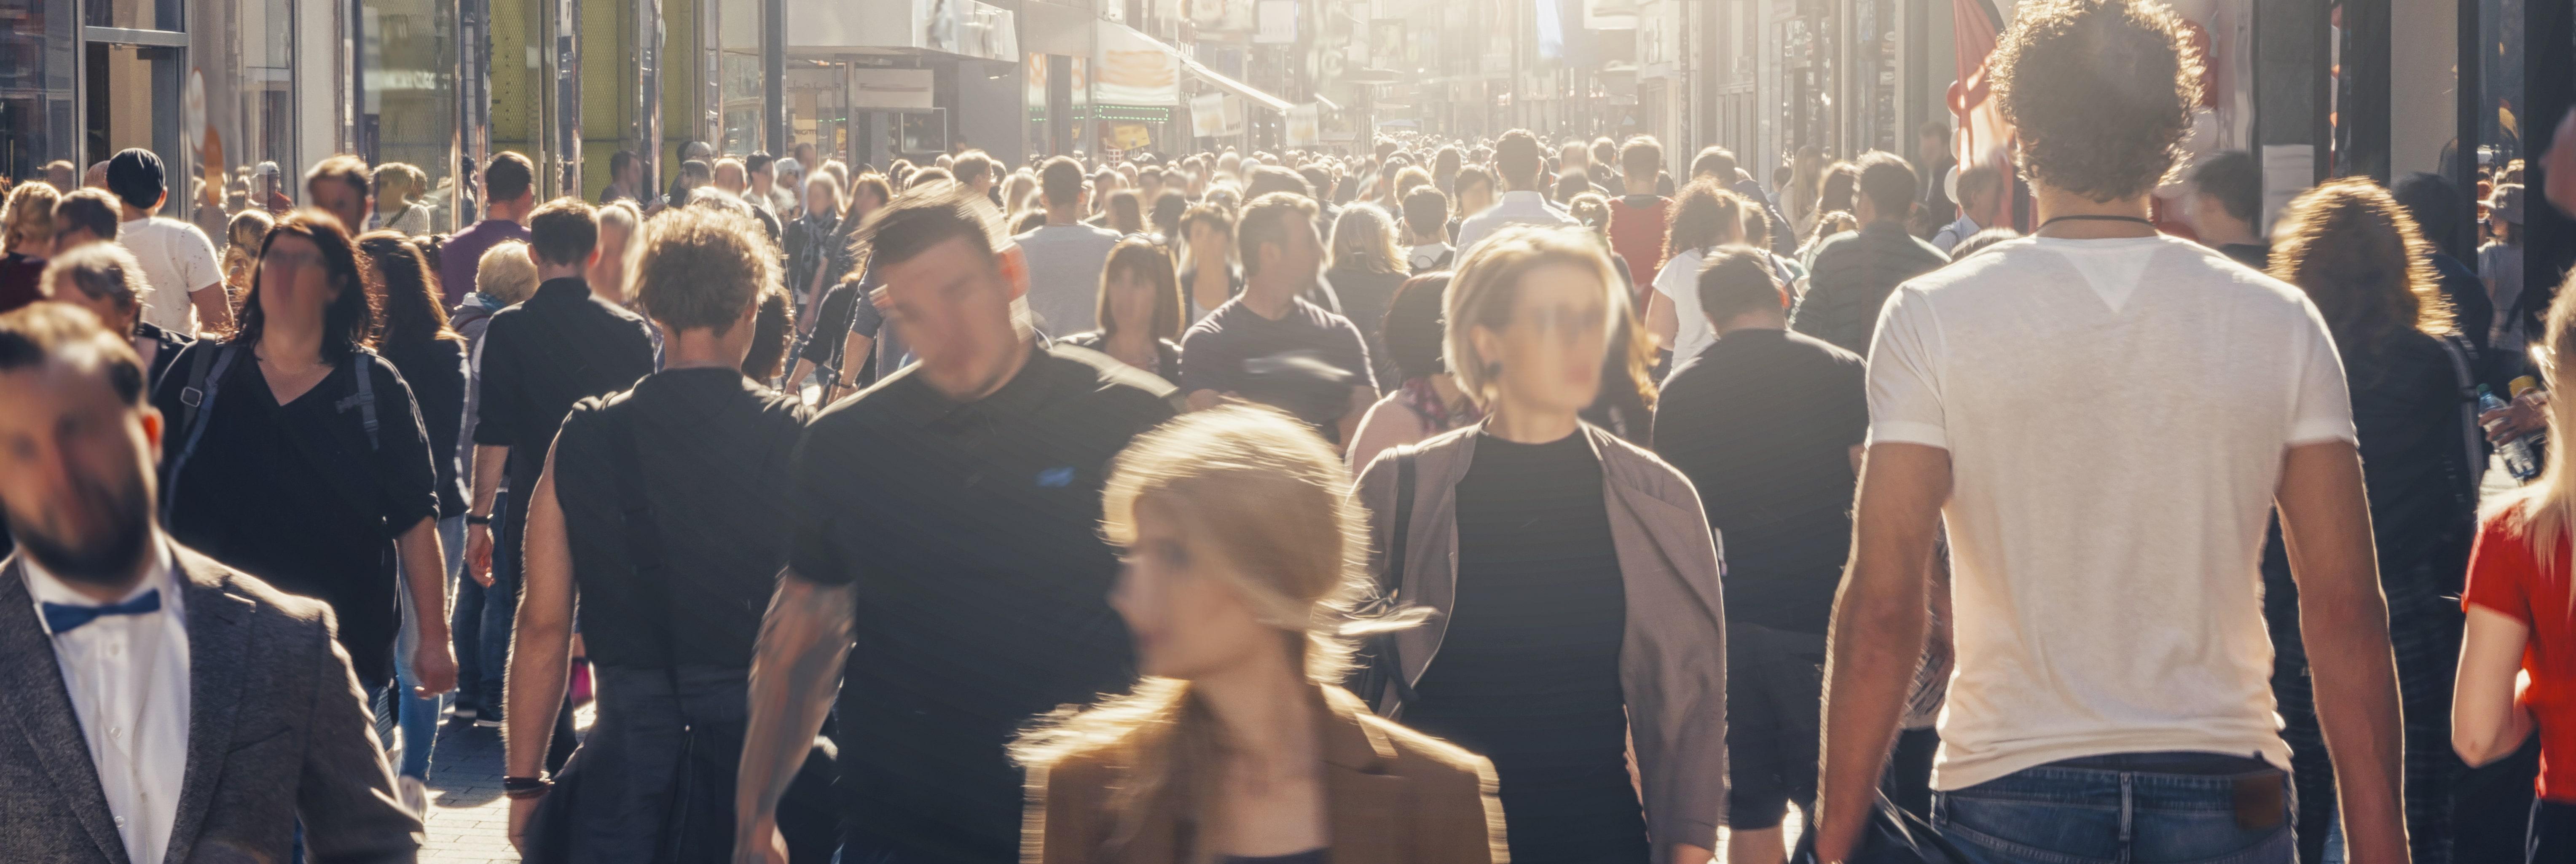 Image représentant une foule